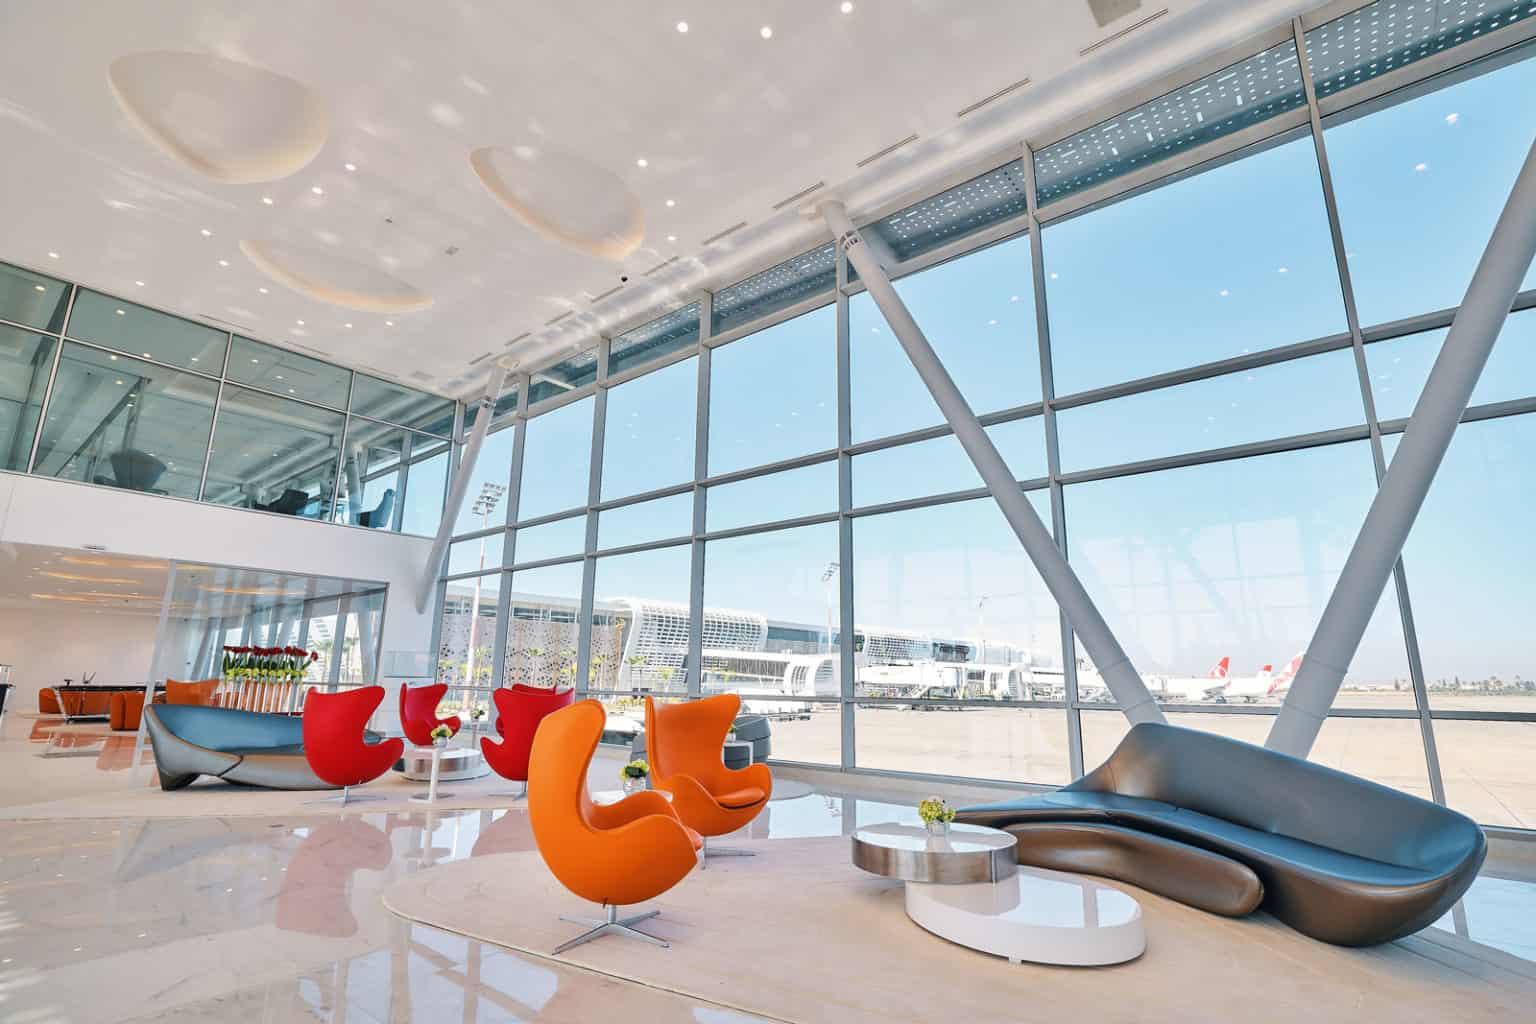 fotografo interni aeroporto arredamento contract uffici e luoghi pubblici fotografo di arredamento